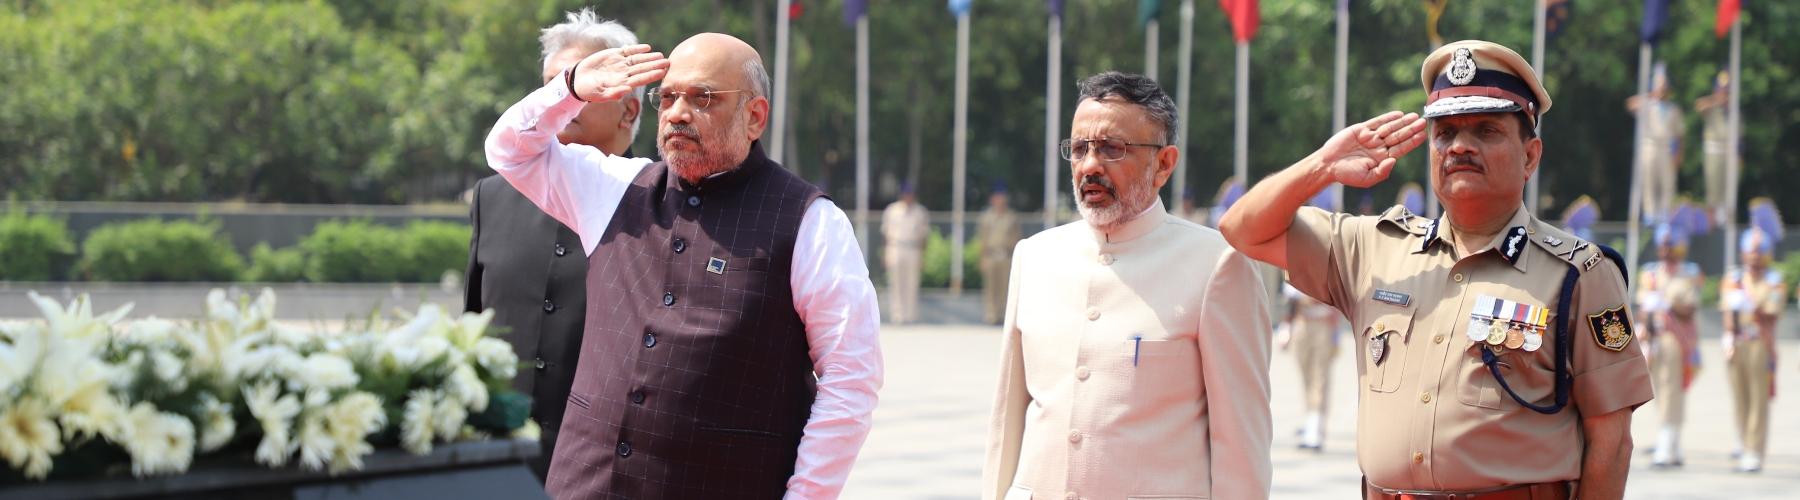 श्री अमित शाह, केन्द्रीय गृह मंत्री शनिवार 02 जून, 2019 को नई दिल्ली, में नेशनल पुलिस मेमोरियल पर शहीदों को श्रद्धांजलि अर्पित करते हुए।